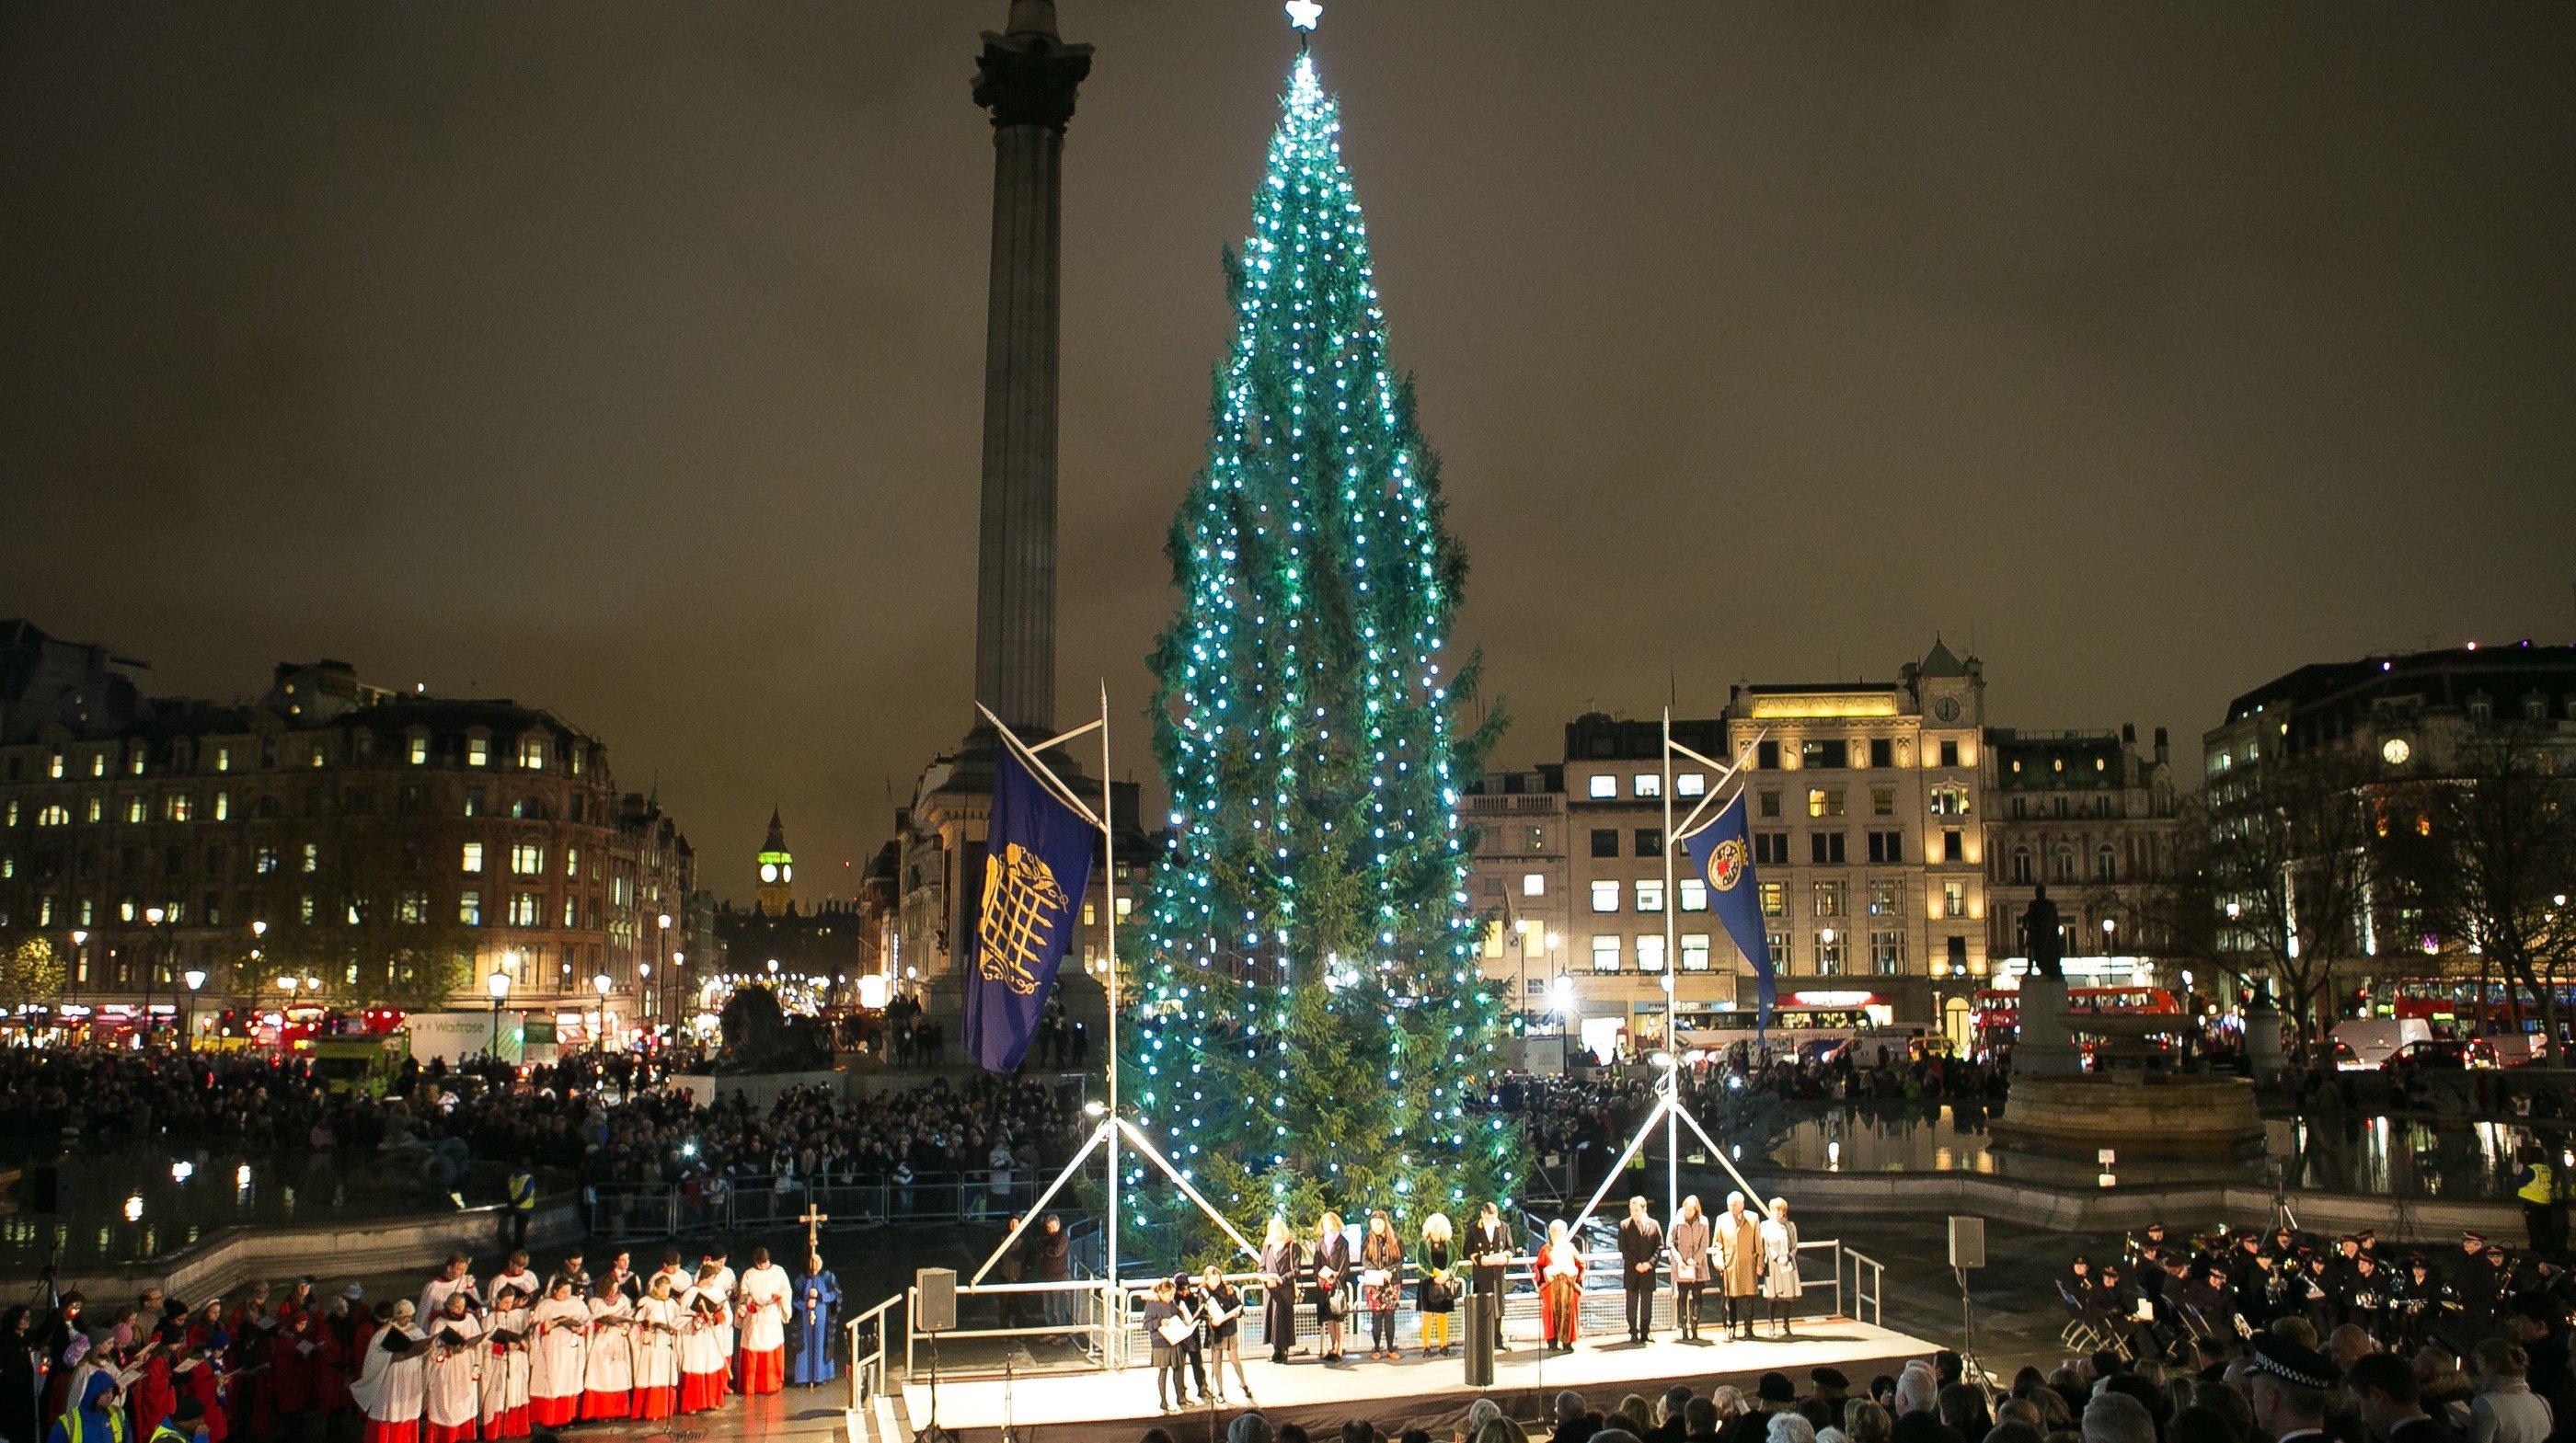 Trafalgar Square Christmas Tree & Carols